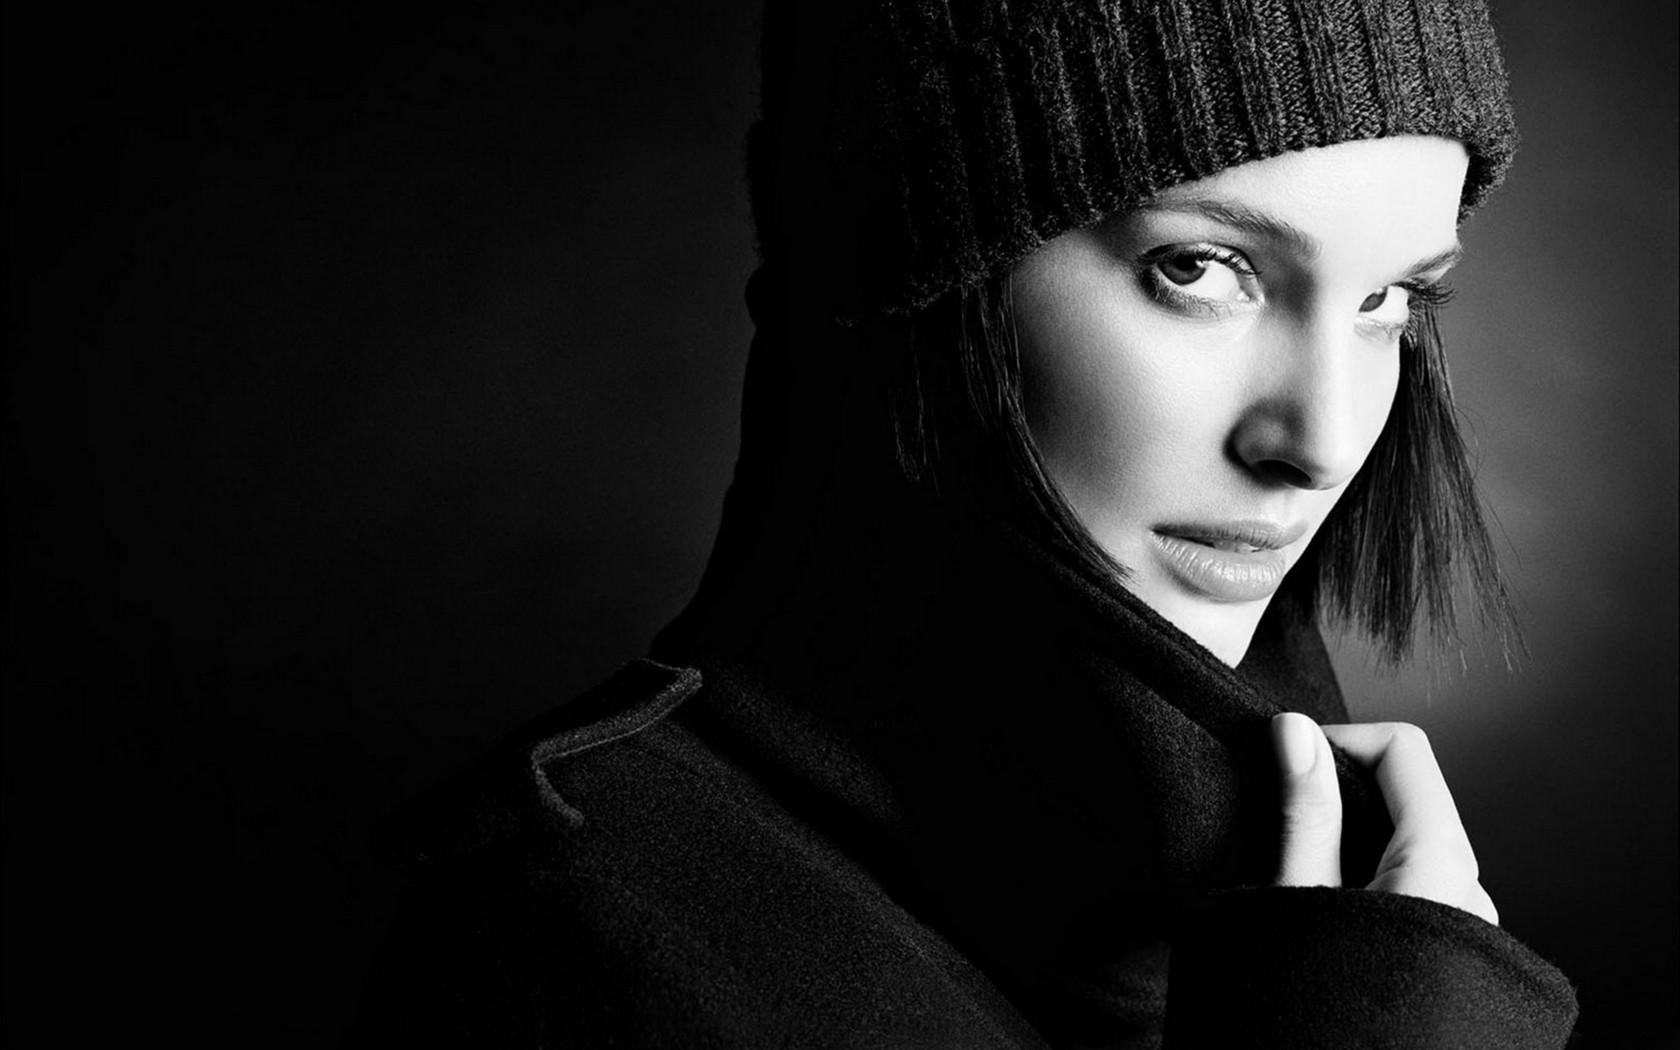 actress wallpaper 25542